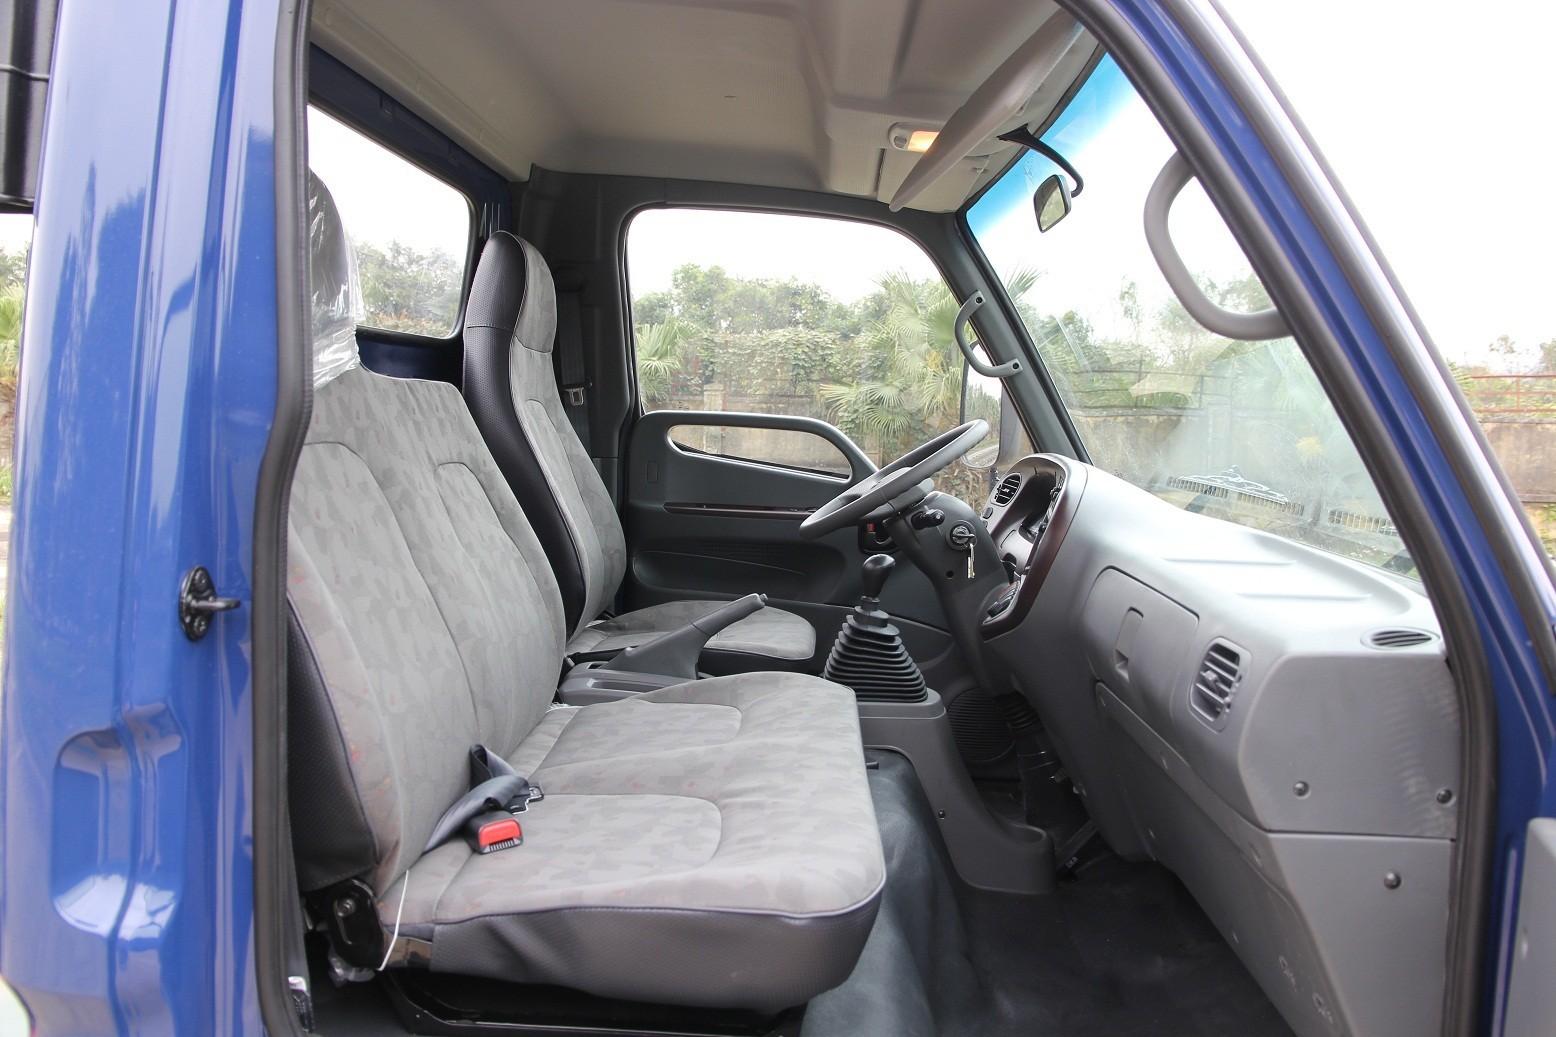 Hyundai HD HD800 Tải Trọng 8 Tấn Thùng Dài 5 mét Ảnh số 40631967